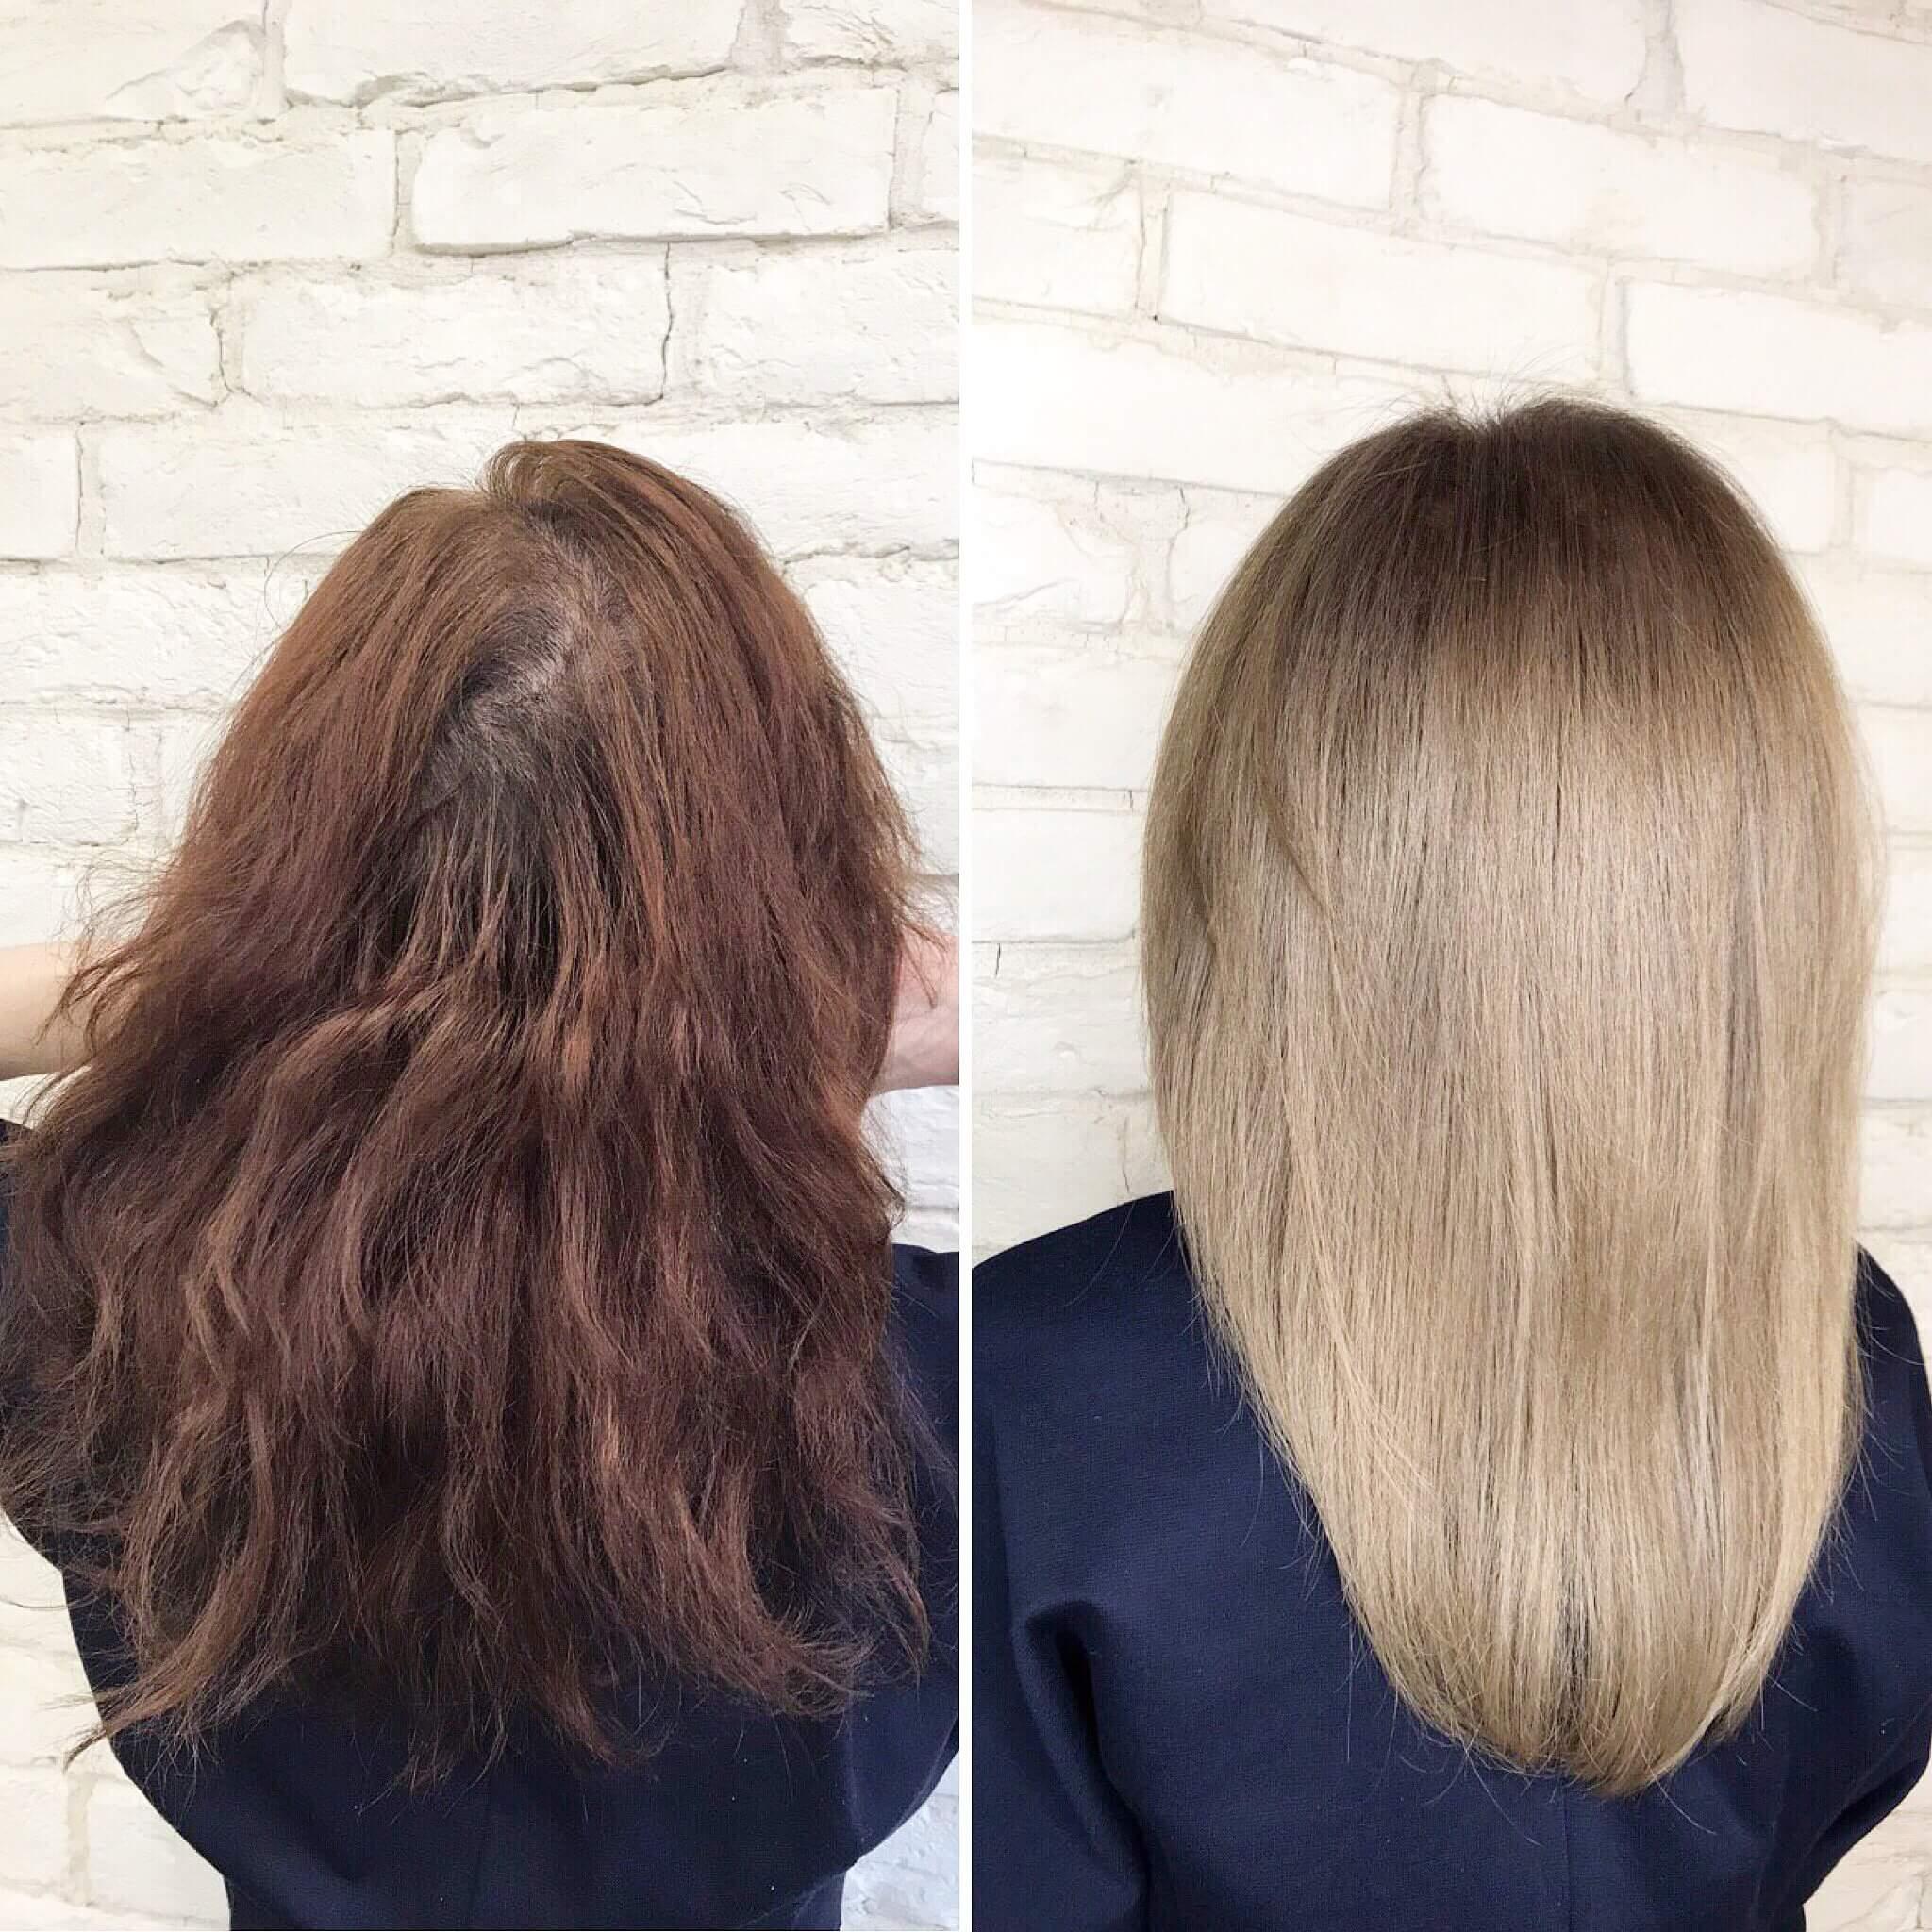 Обесцвечивание волос отзывы фото до и после косу